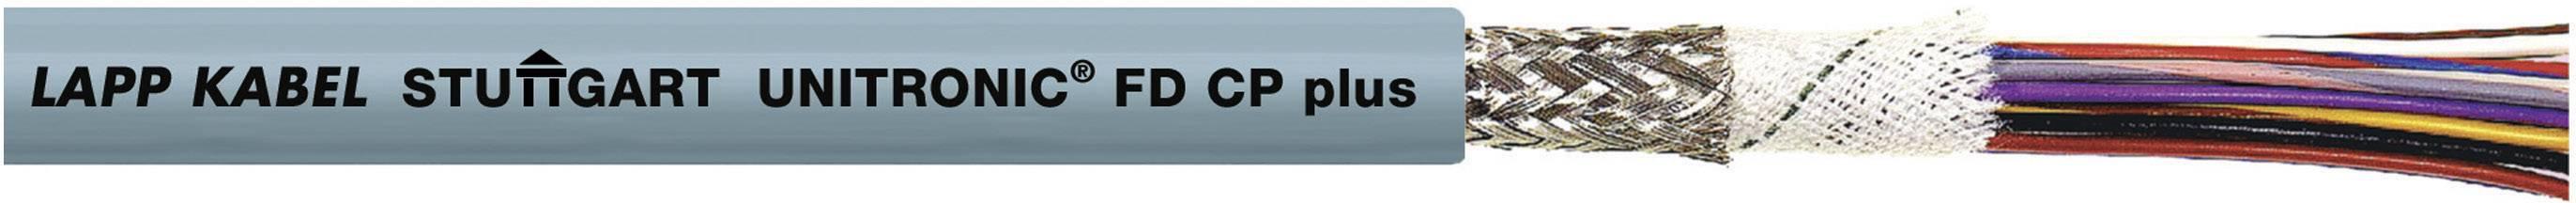 Datový kabel LappKabel UNITRONIC FD CP PLUS 4X0,25 (0028891), 4x 0,25 mm², Ø 5,5 mm, stíněný, 300 m, šedá